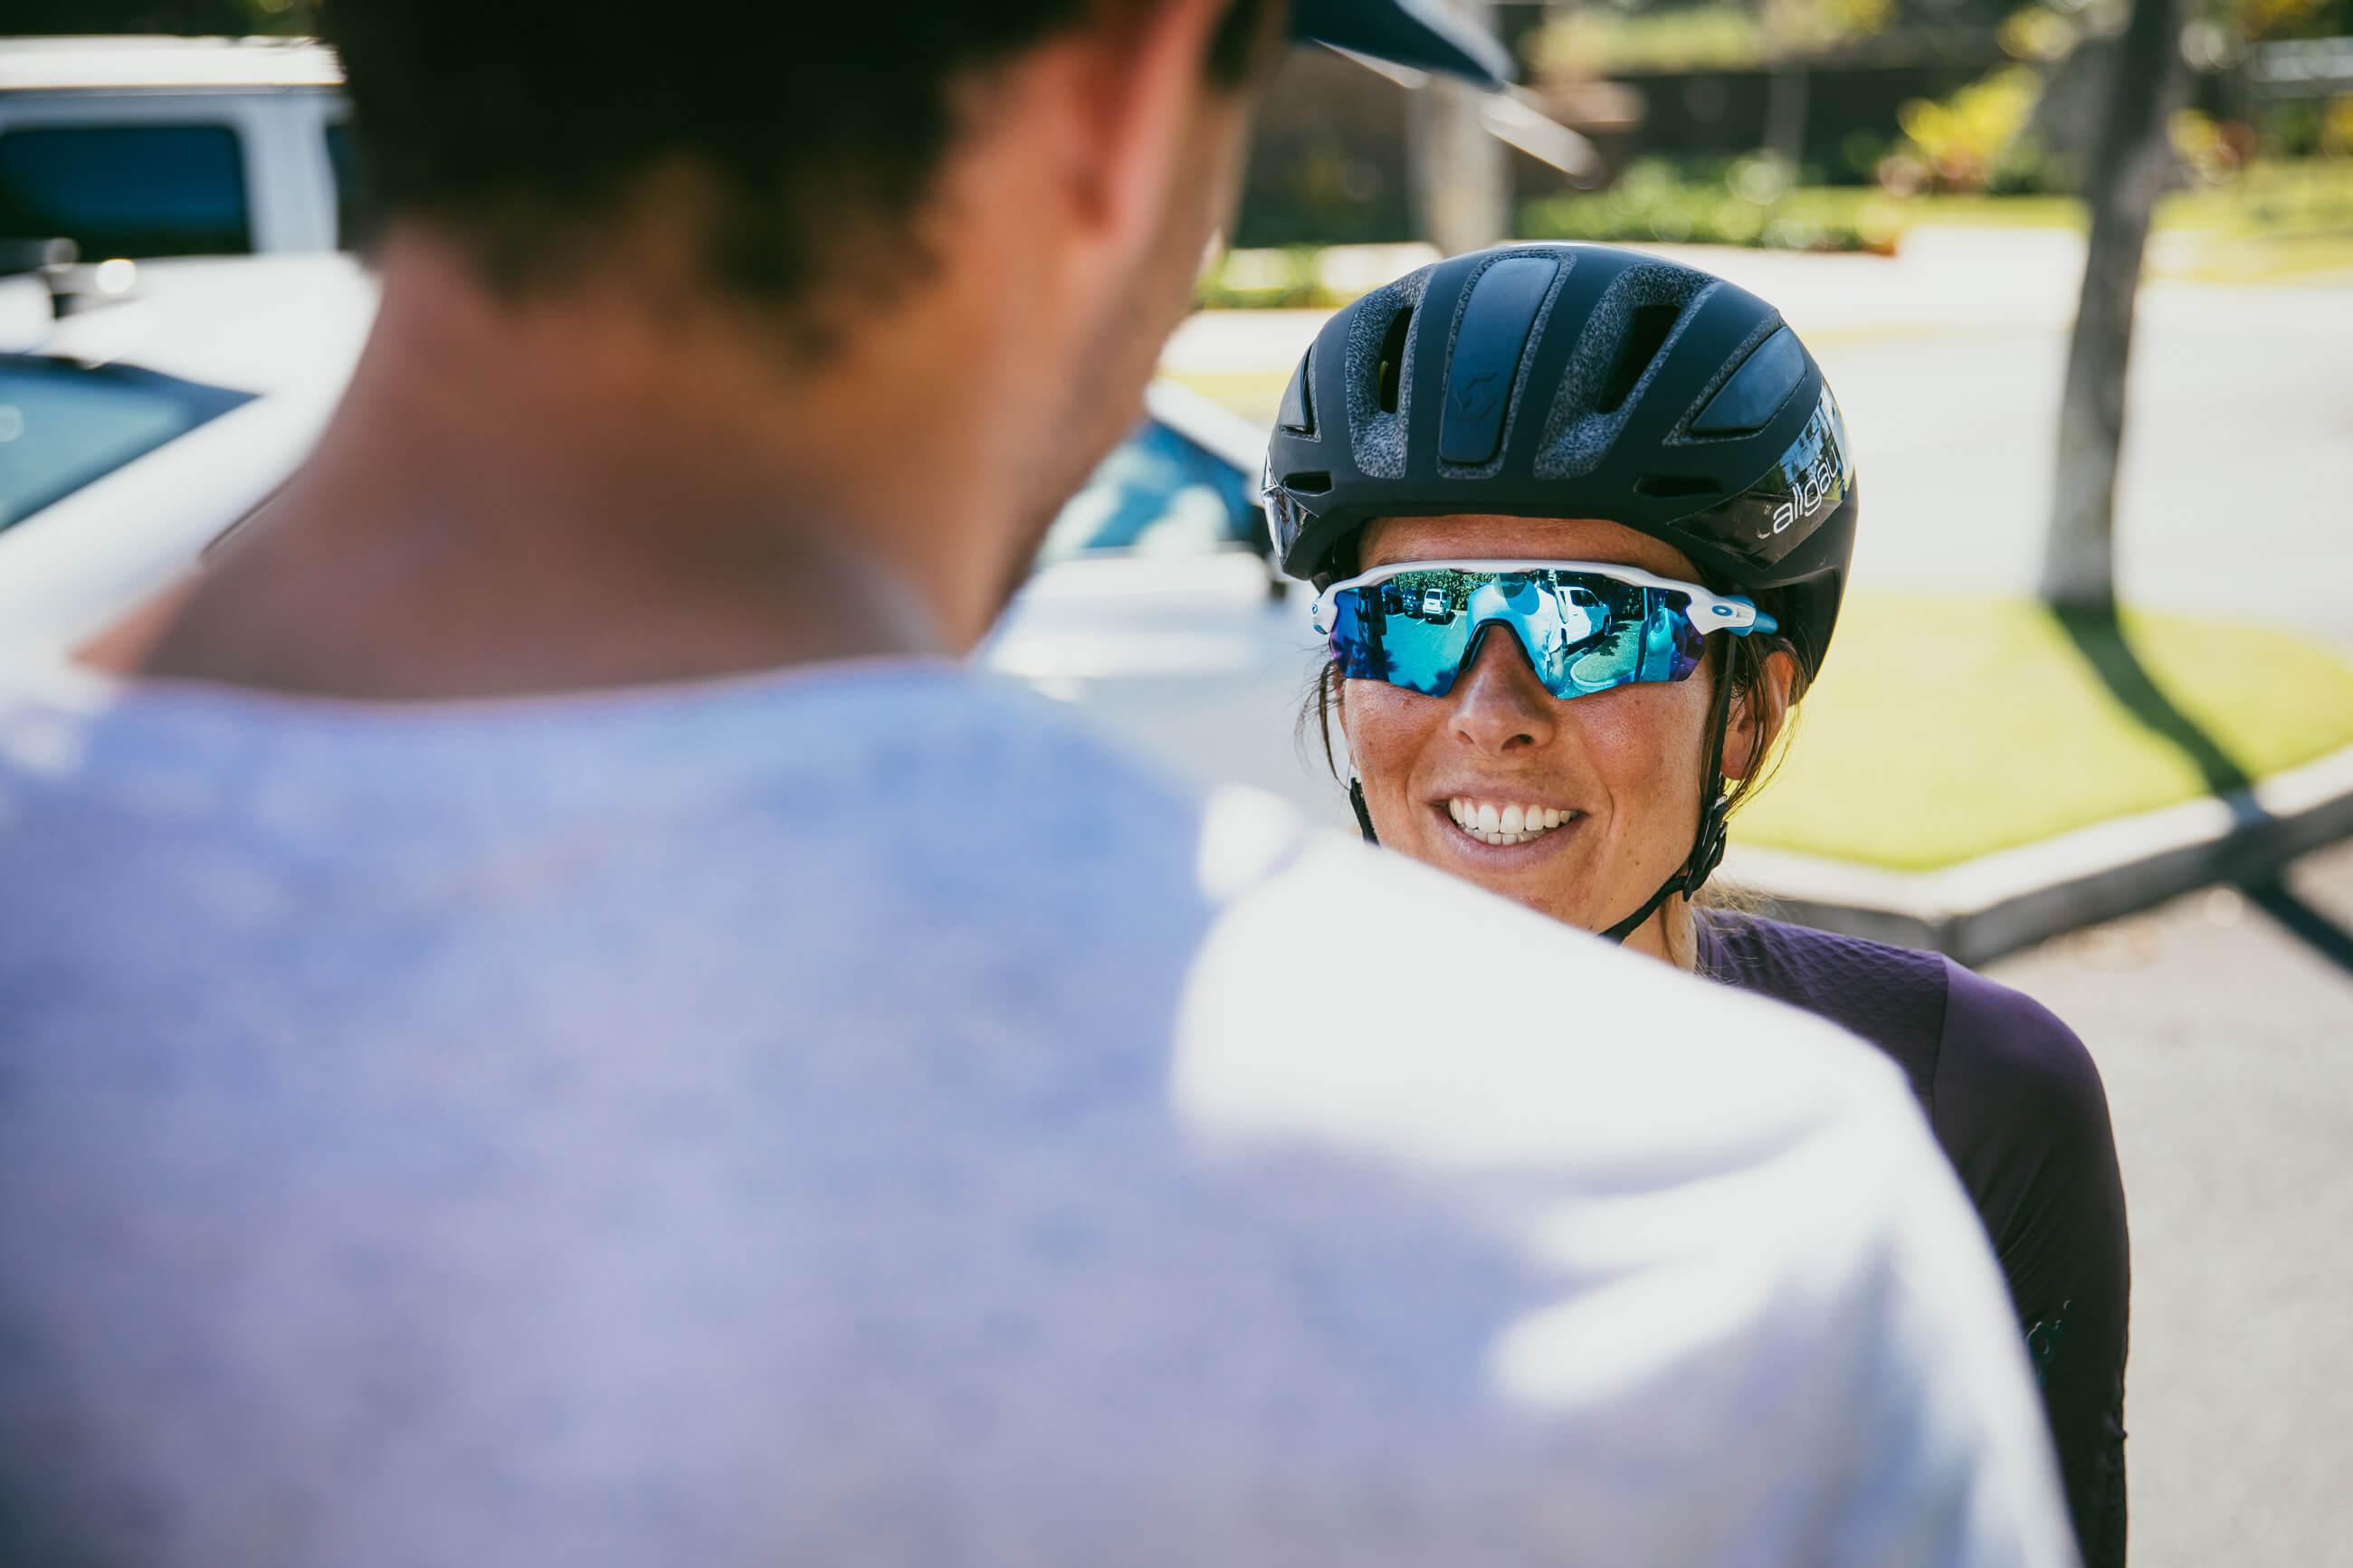 Tamara-Hitz-Triathlon-Blog-Ziele